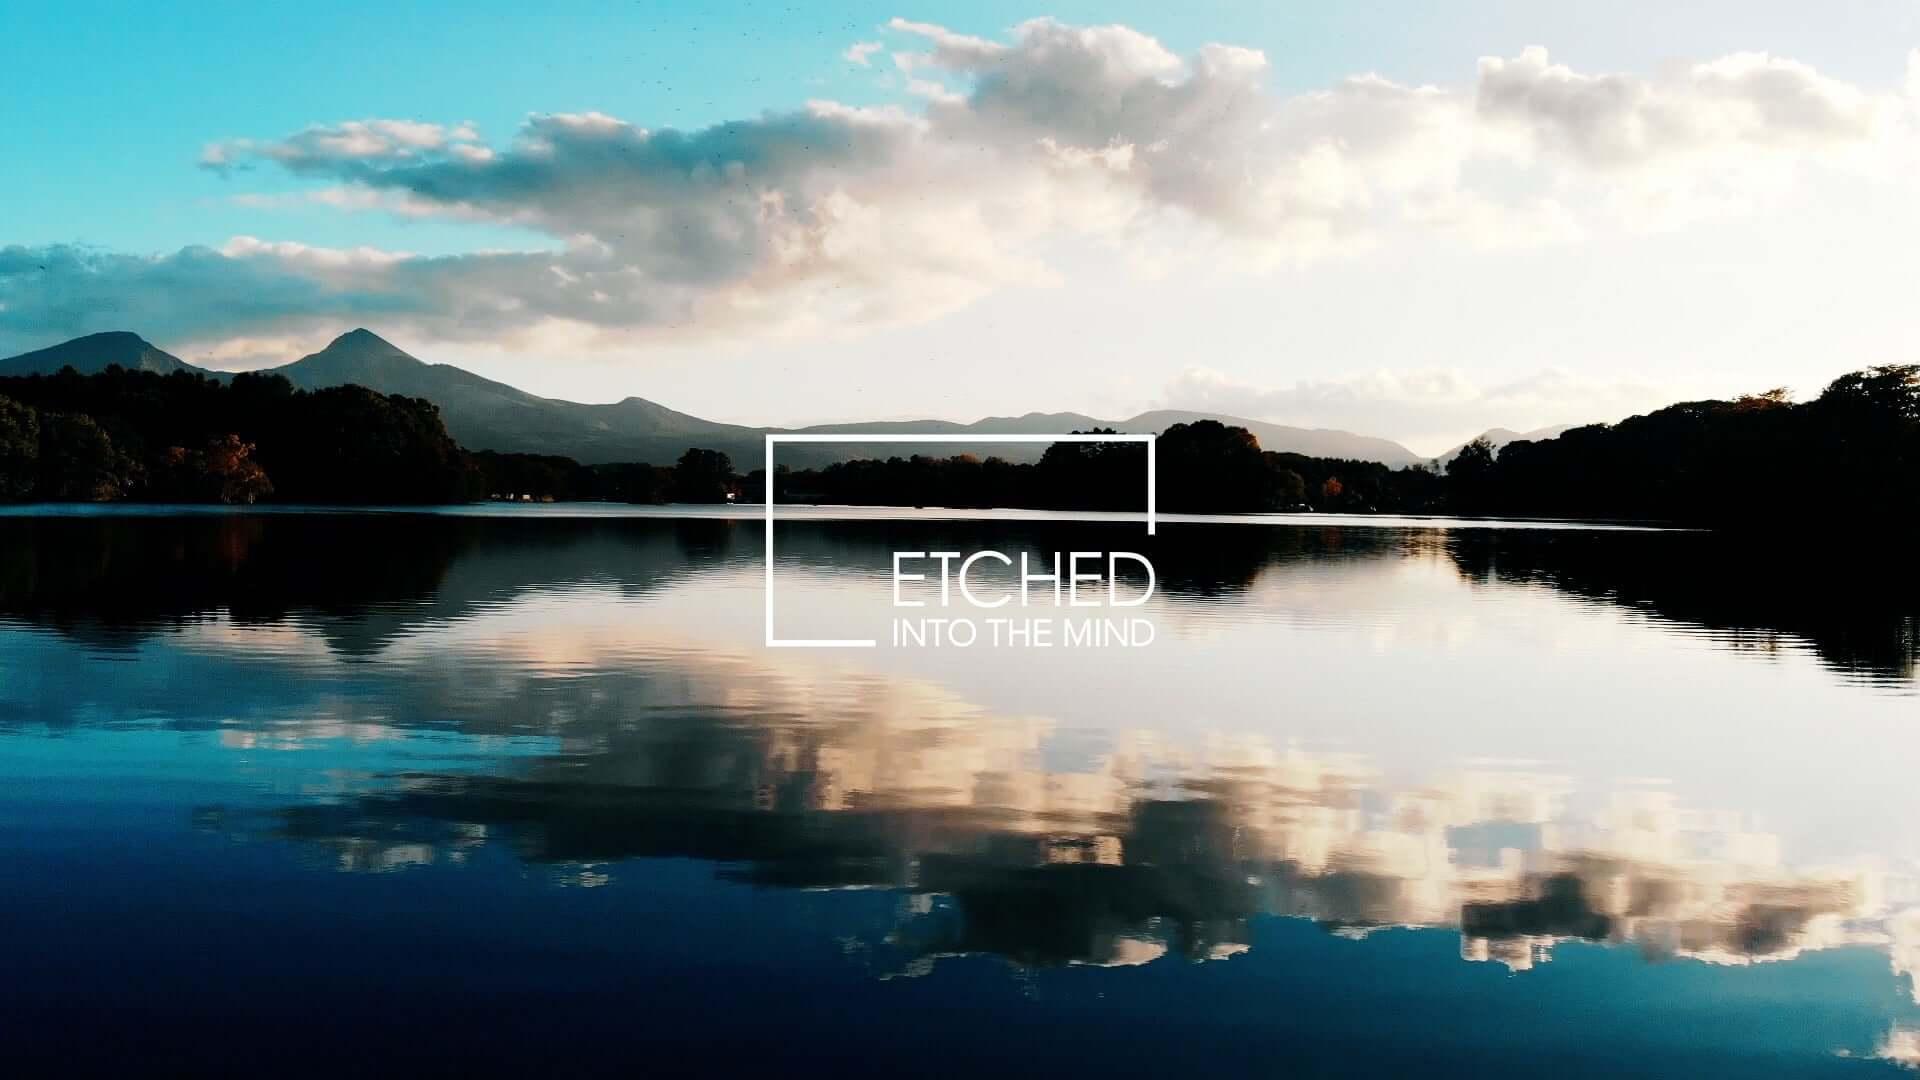 日本の風景&音楽を発信するアートプロジェクト「ETCHED」にSakura Tsurutaが登場!4Kのライブ映像が無料公開 music201120_etched_6-1920x1080